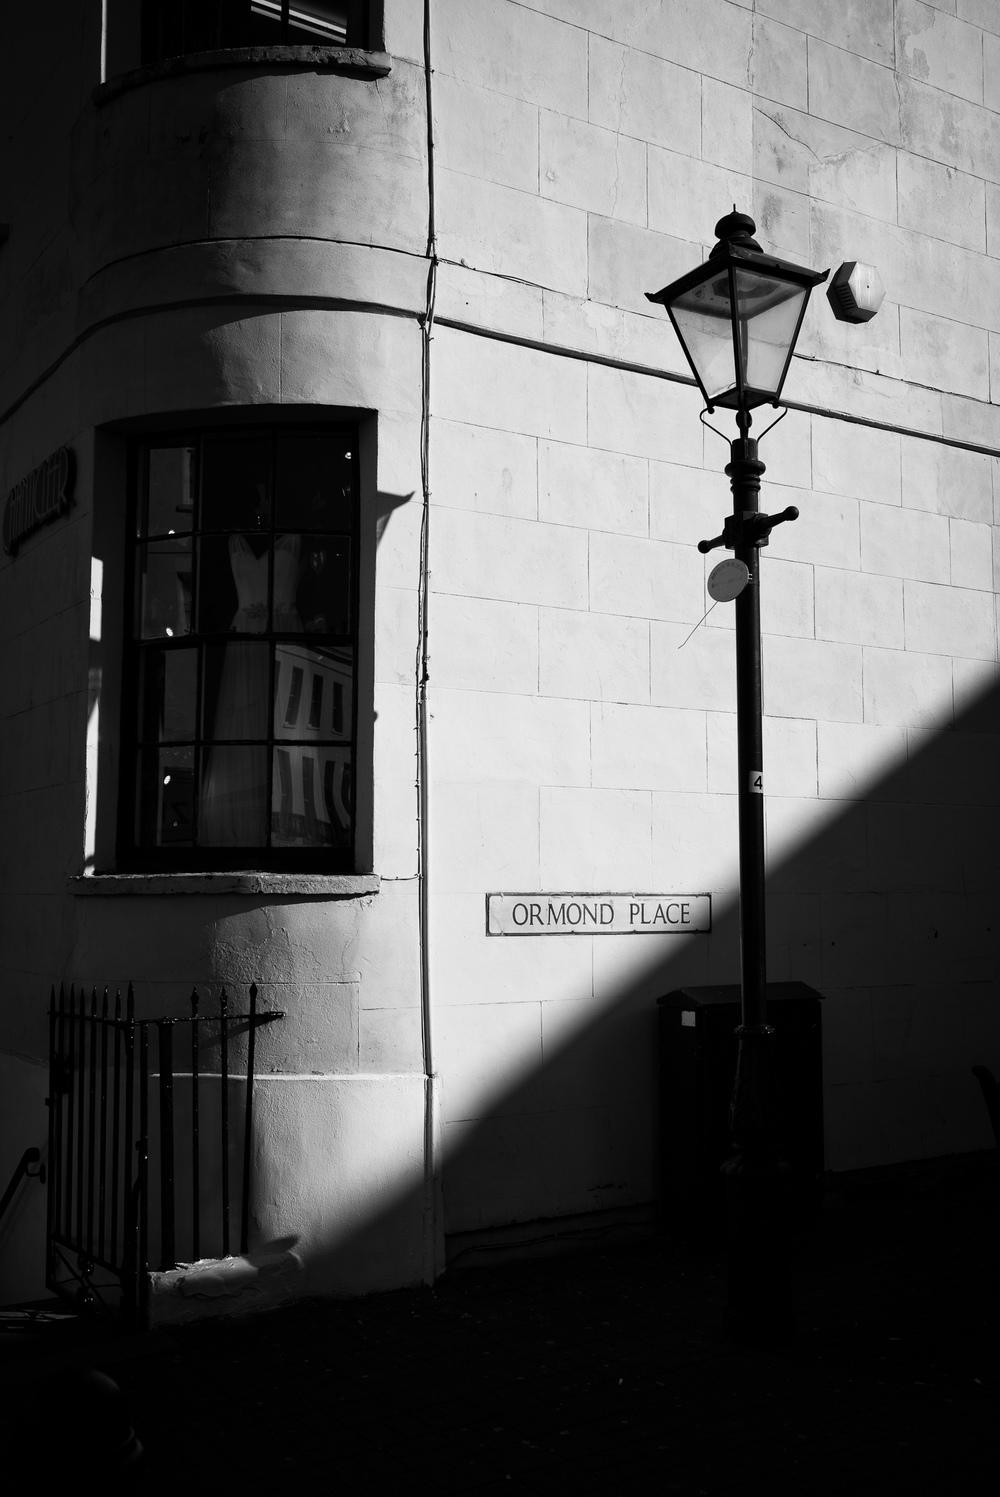 20160215 - Cheltenham 2 - Public (1500) -6.jpg